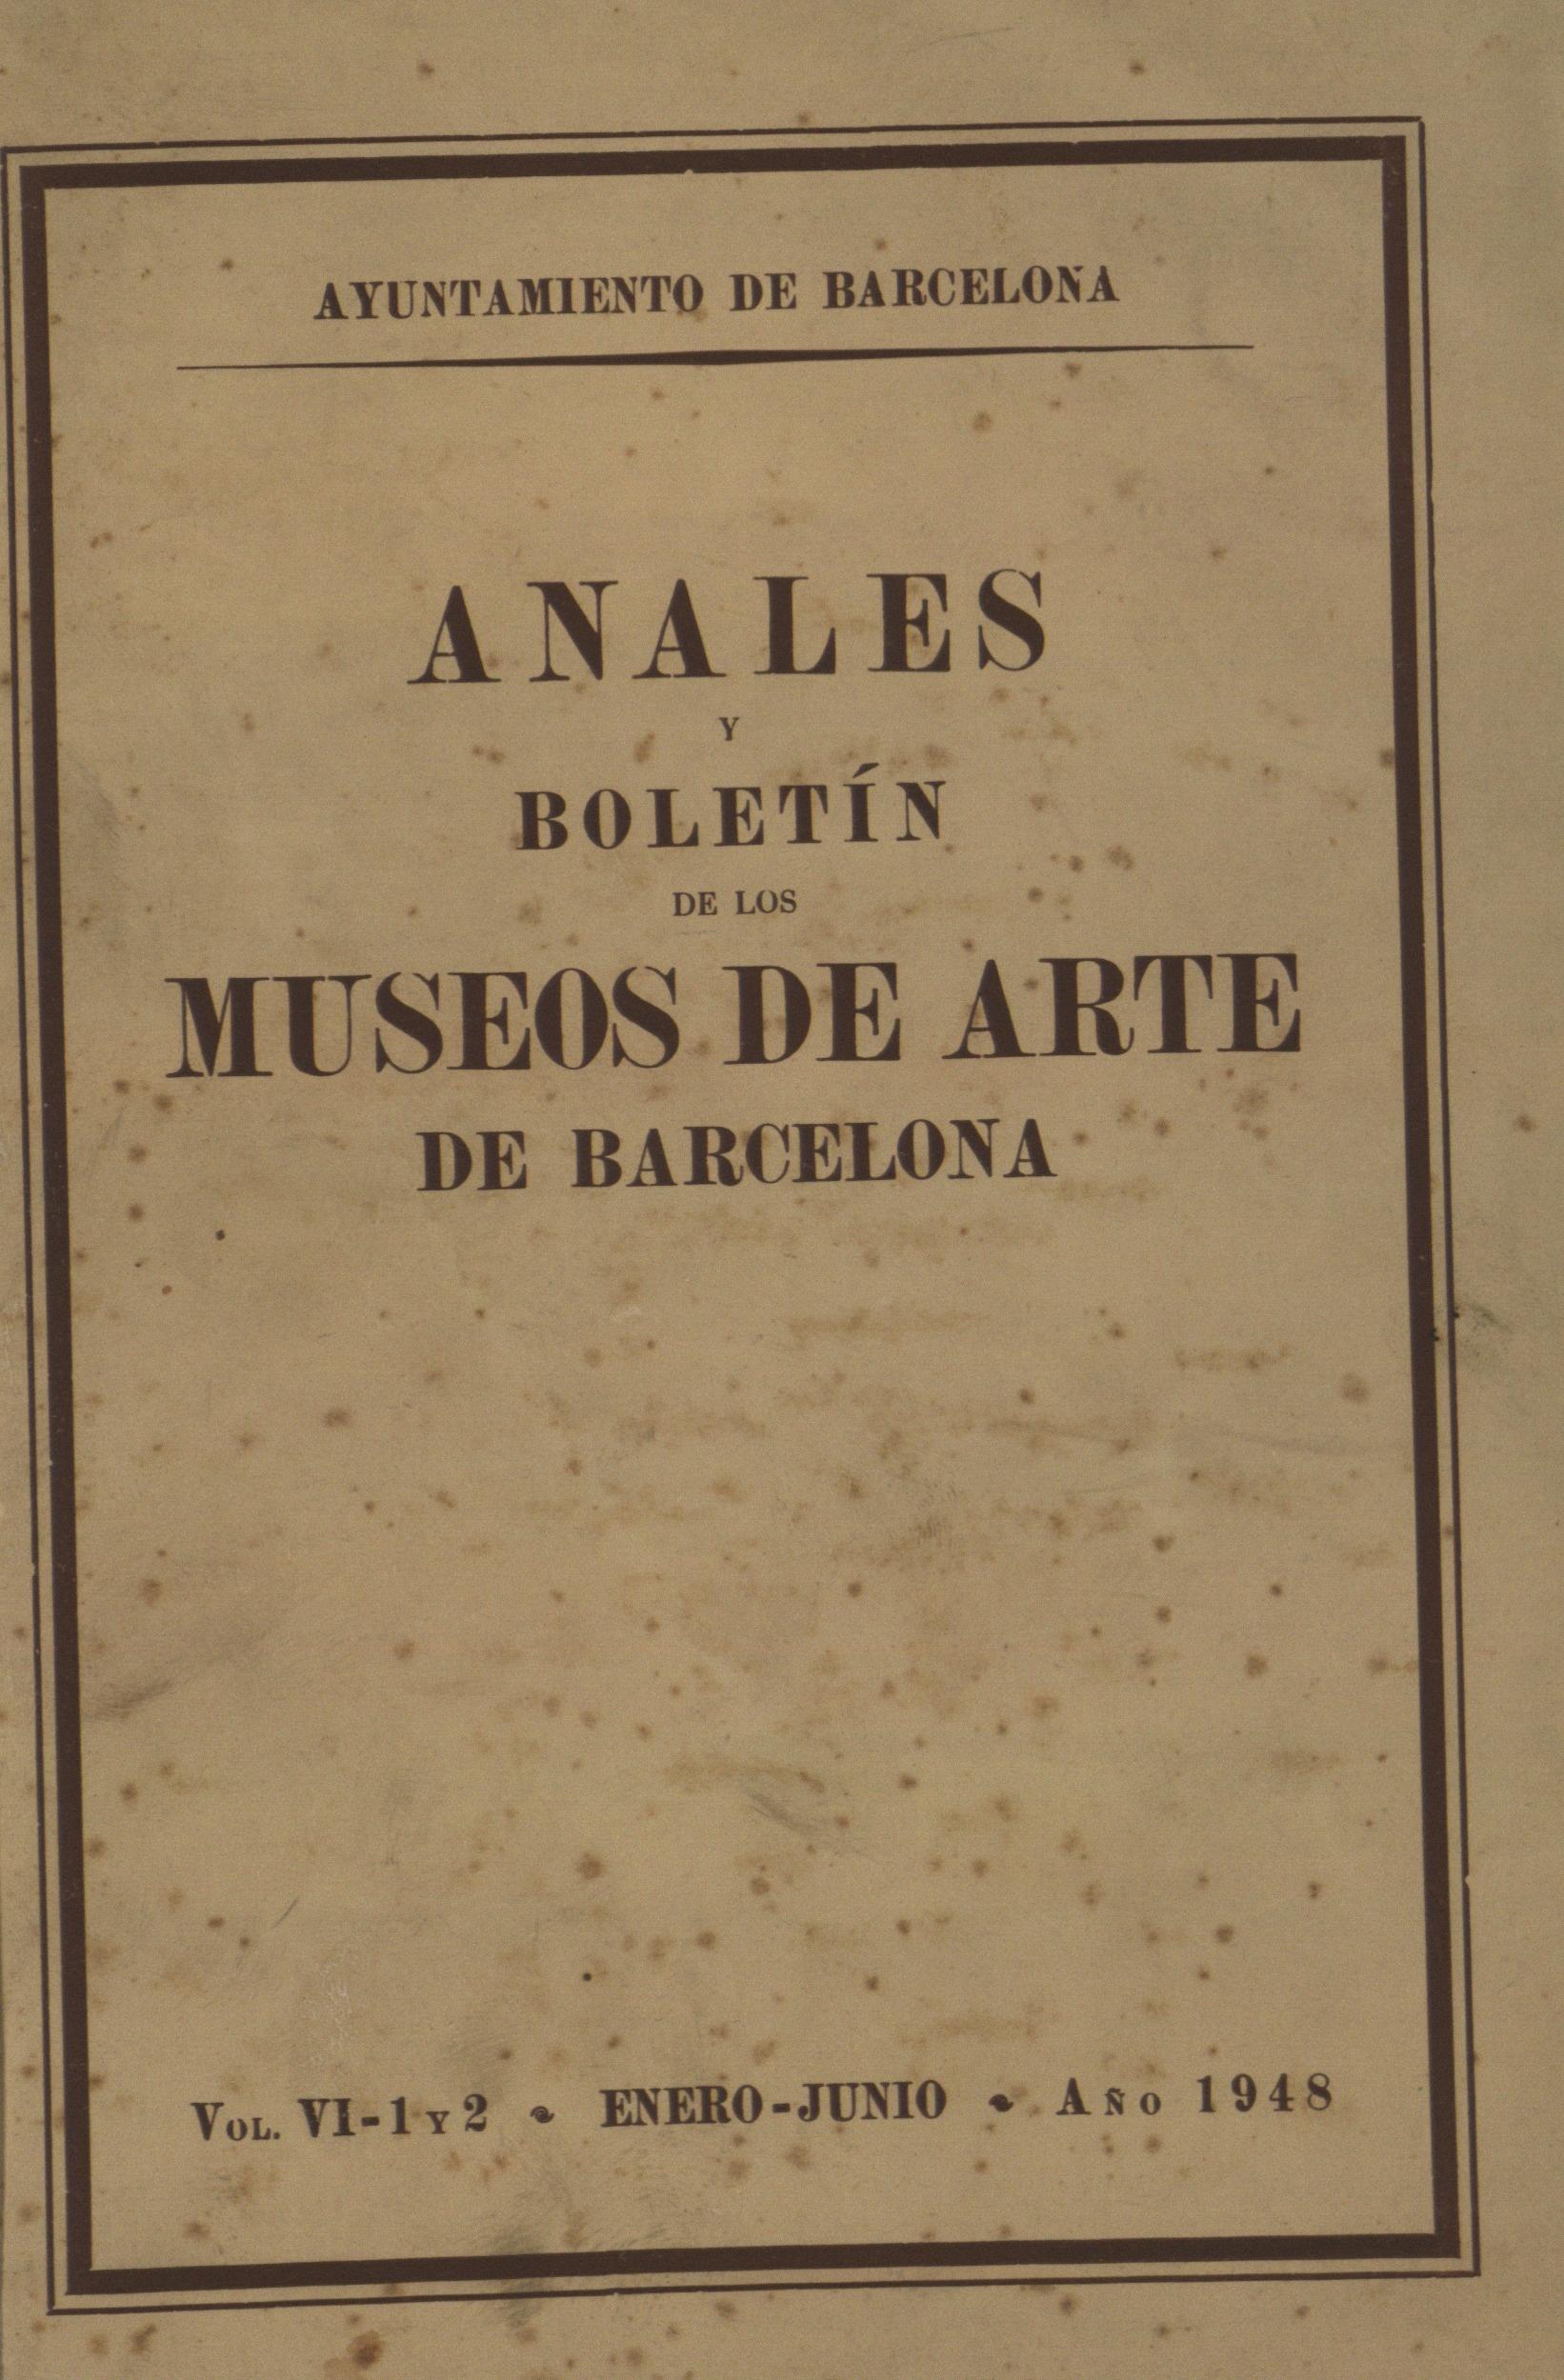 Vol. 6, núm. 1-2 (1948)